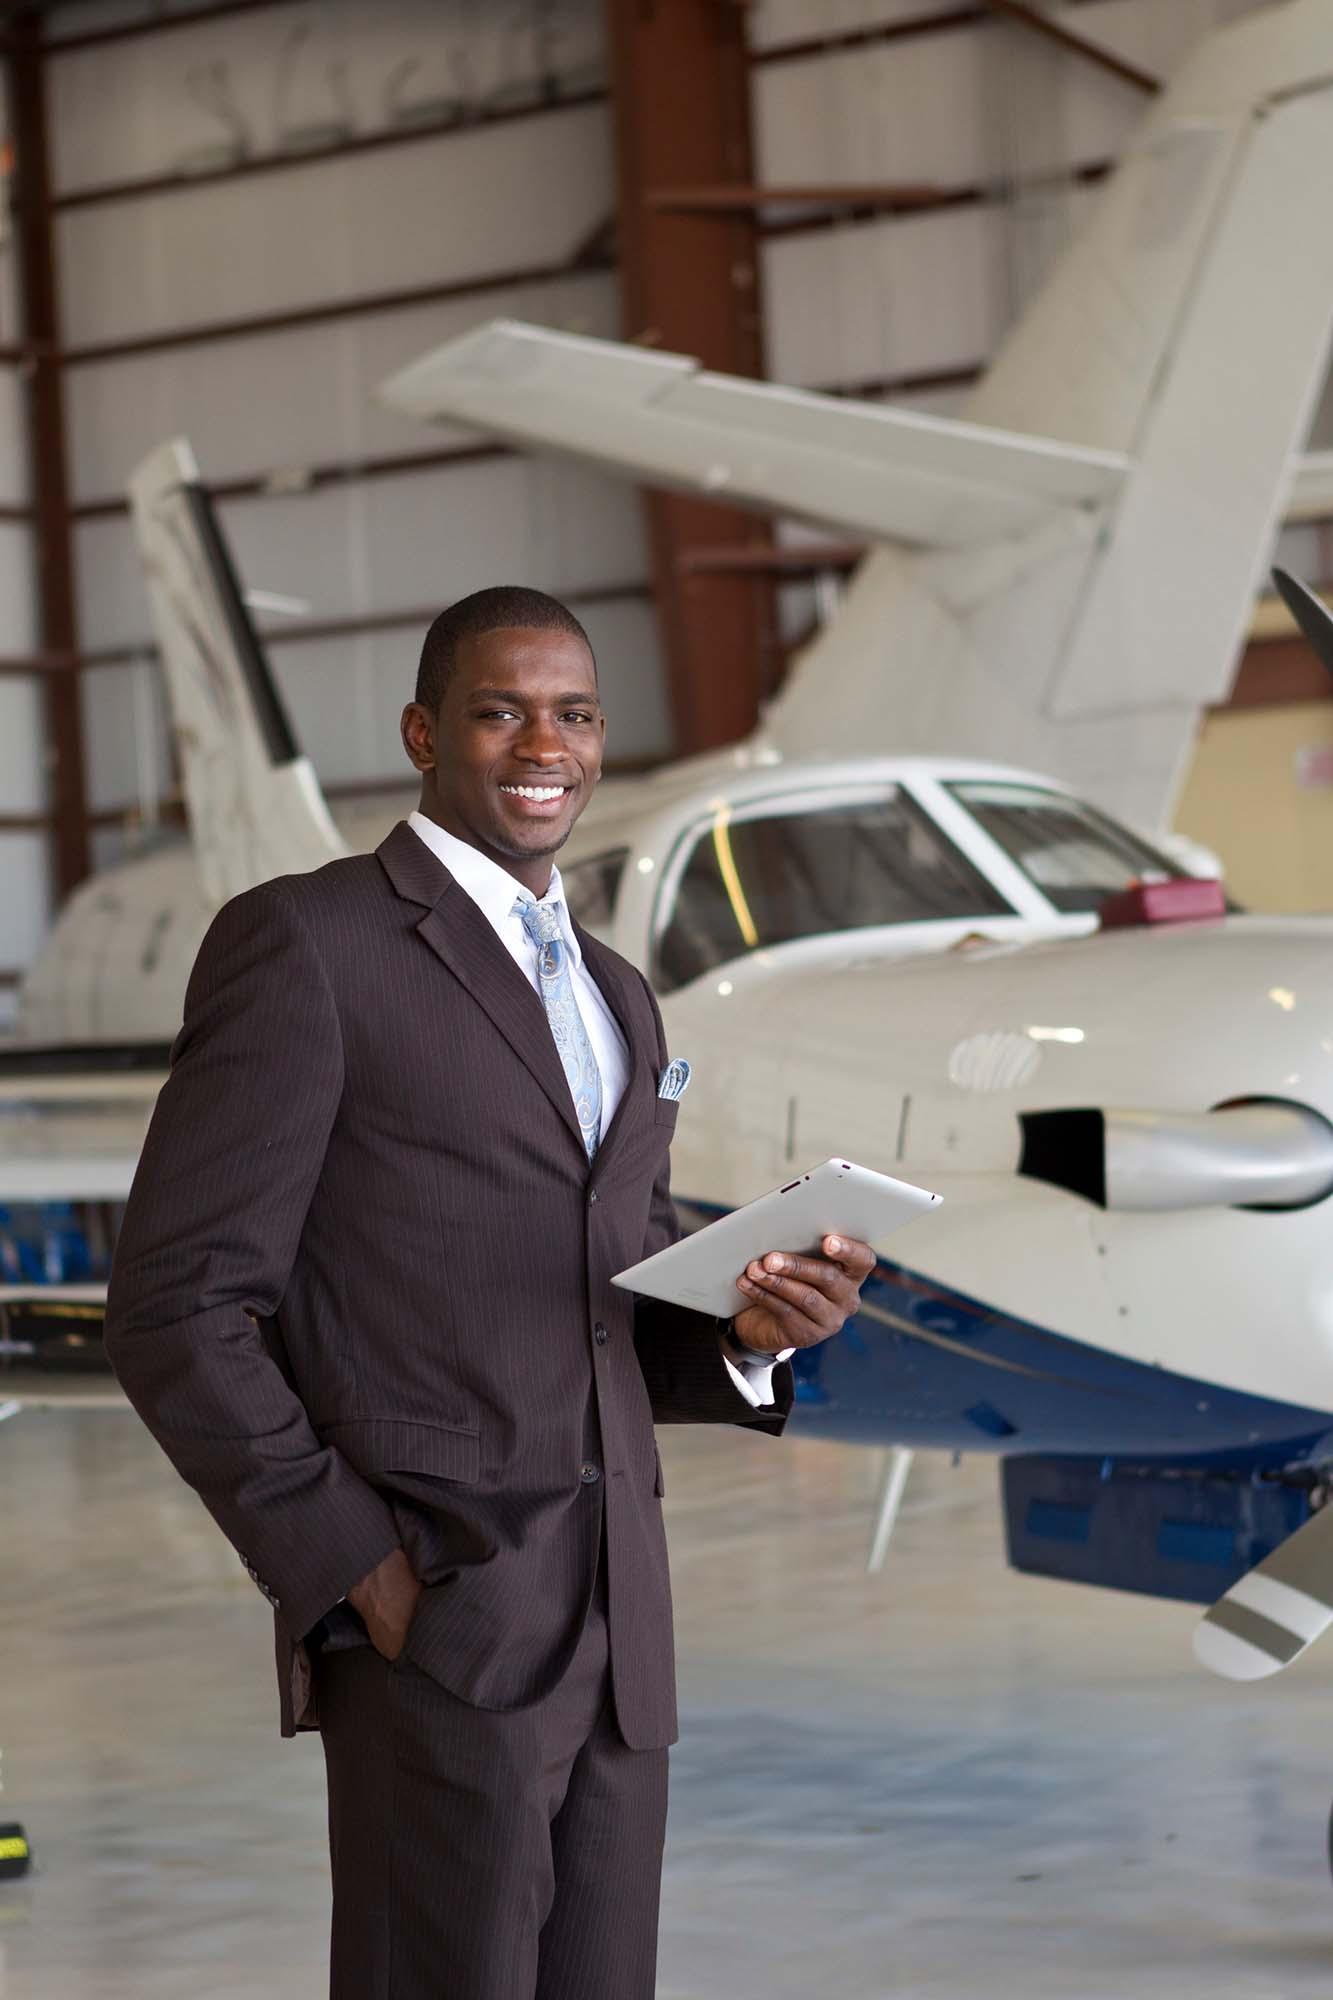 Confident businessman in airplane hangar